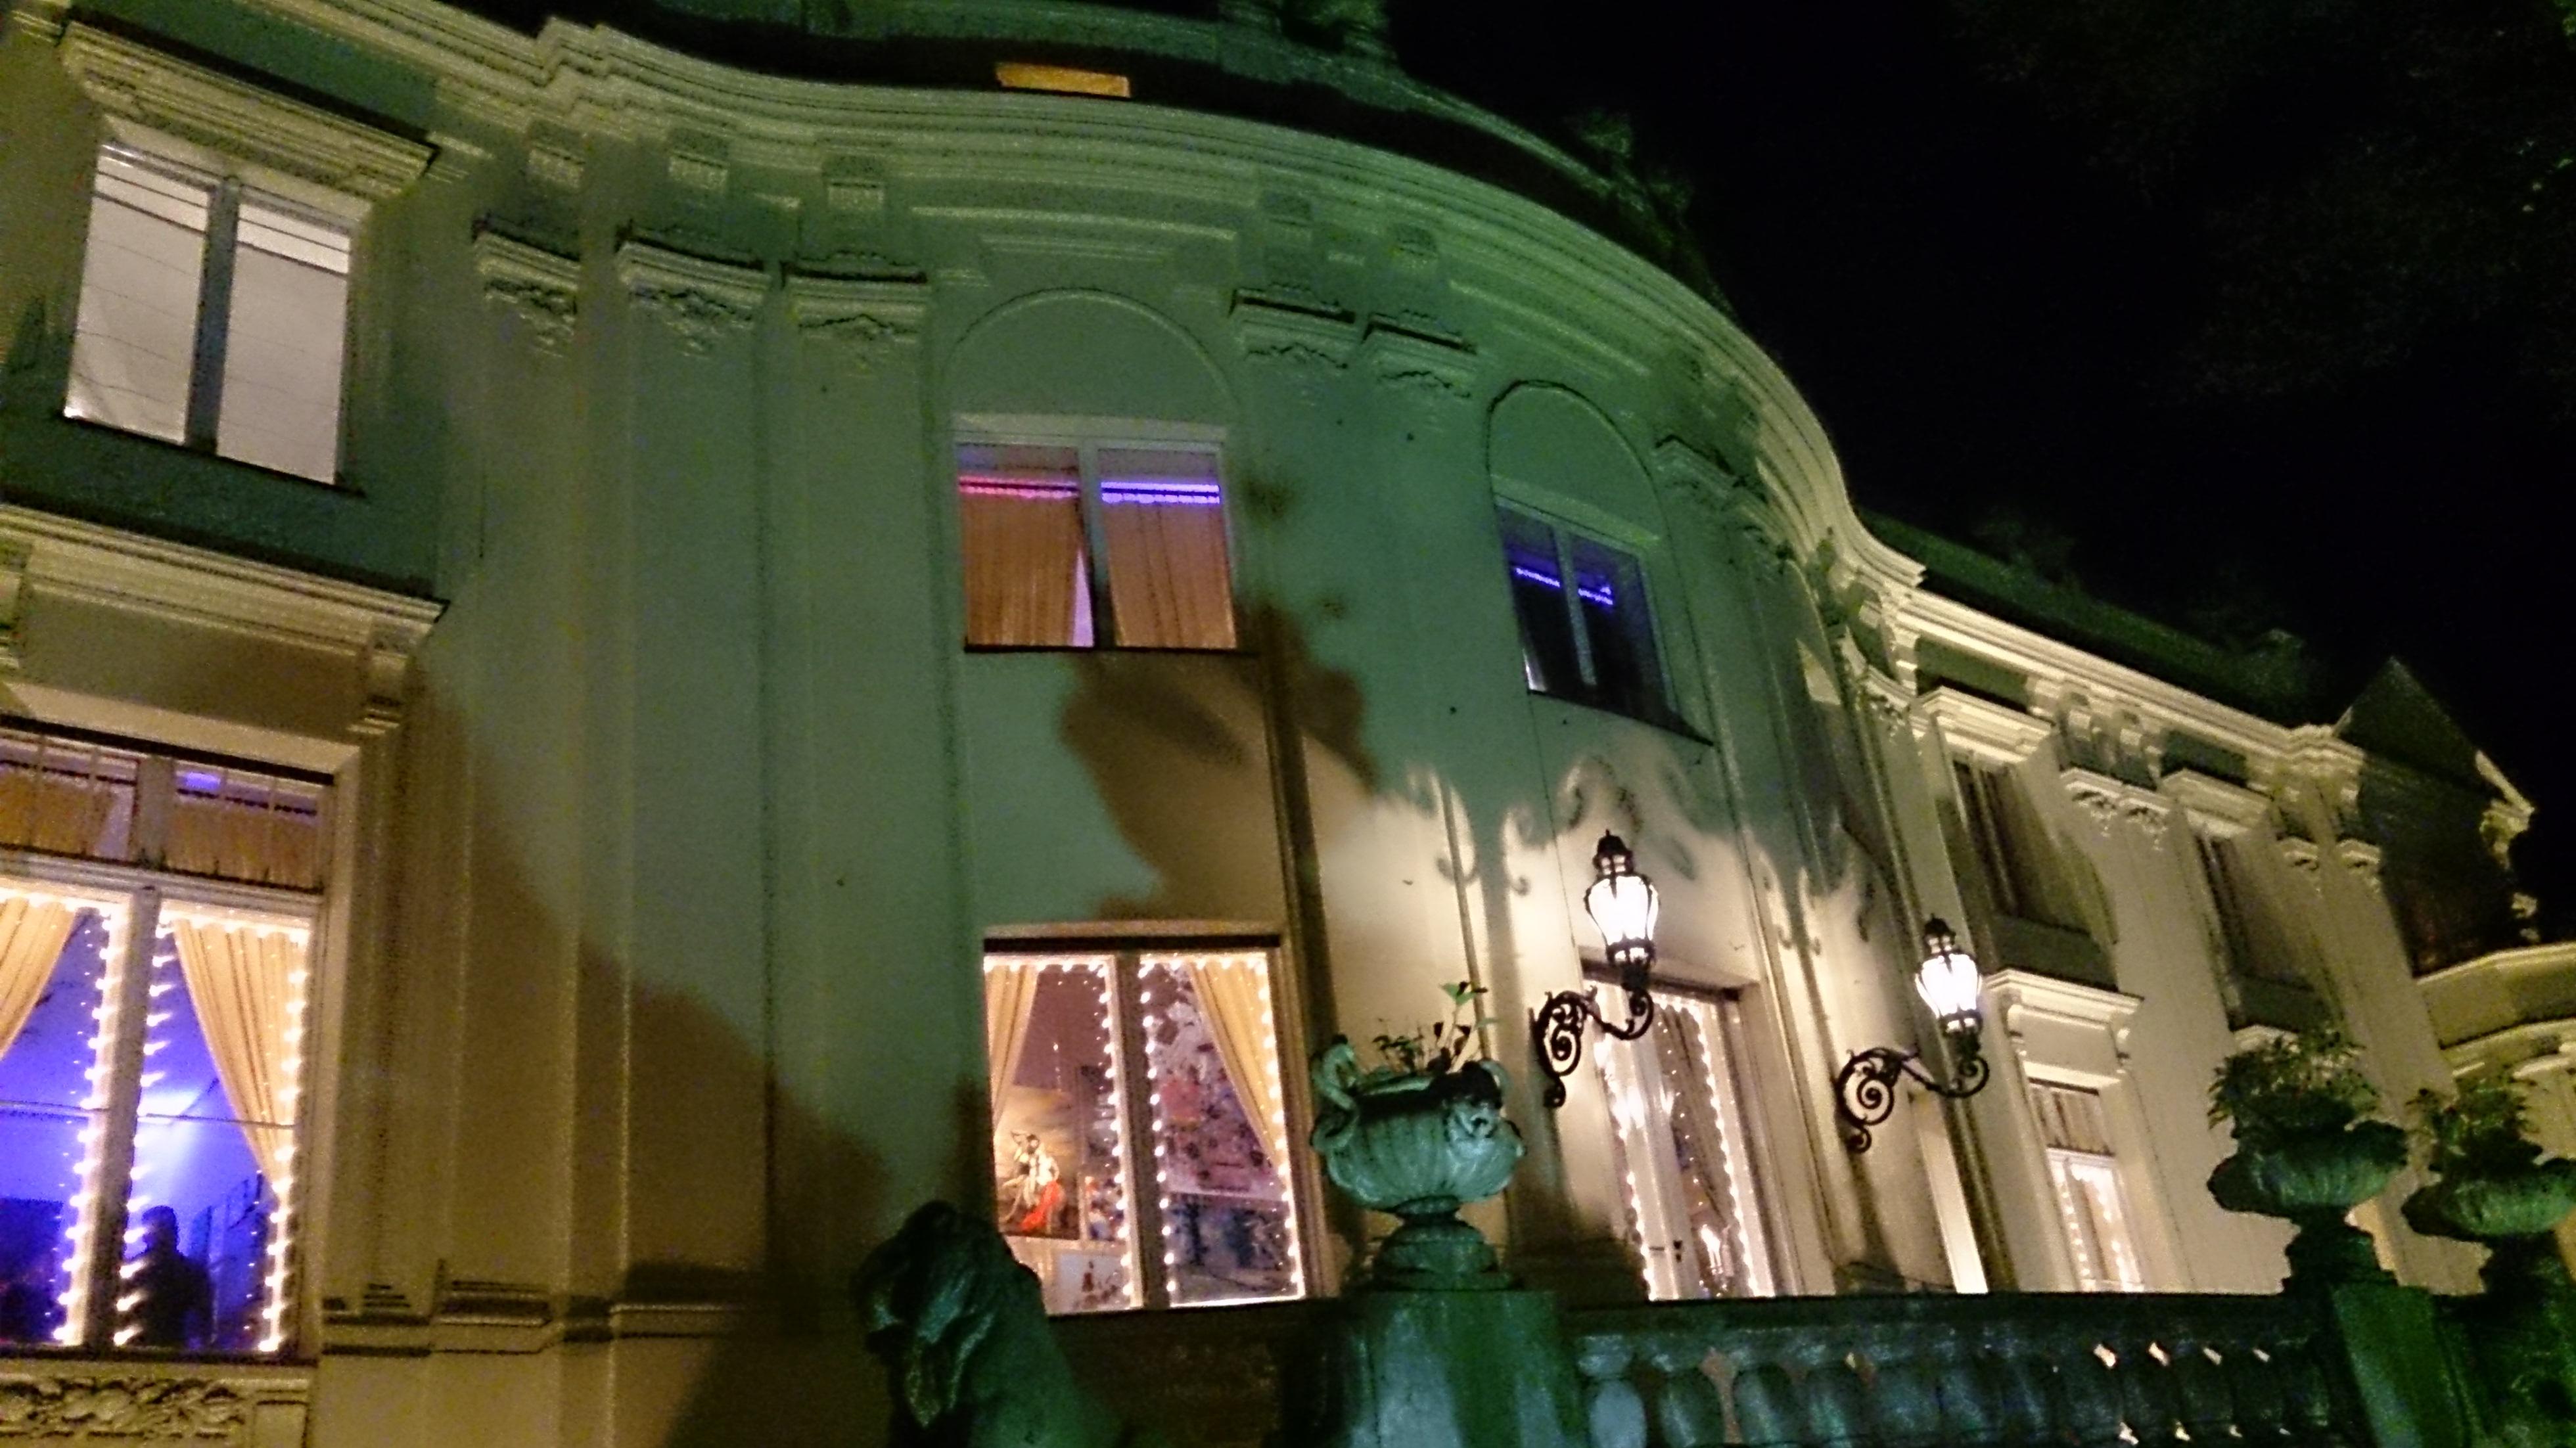 1 Titelbild-Stiftung-Starke-Löwenpalais-Weihnachtsausstellung-Mané Wunderlich-DSC_3428